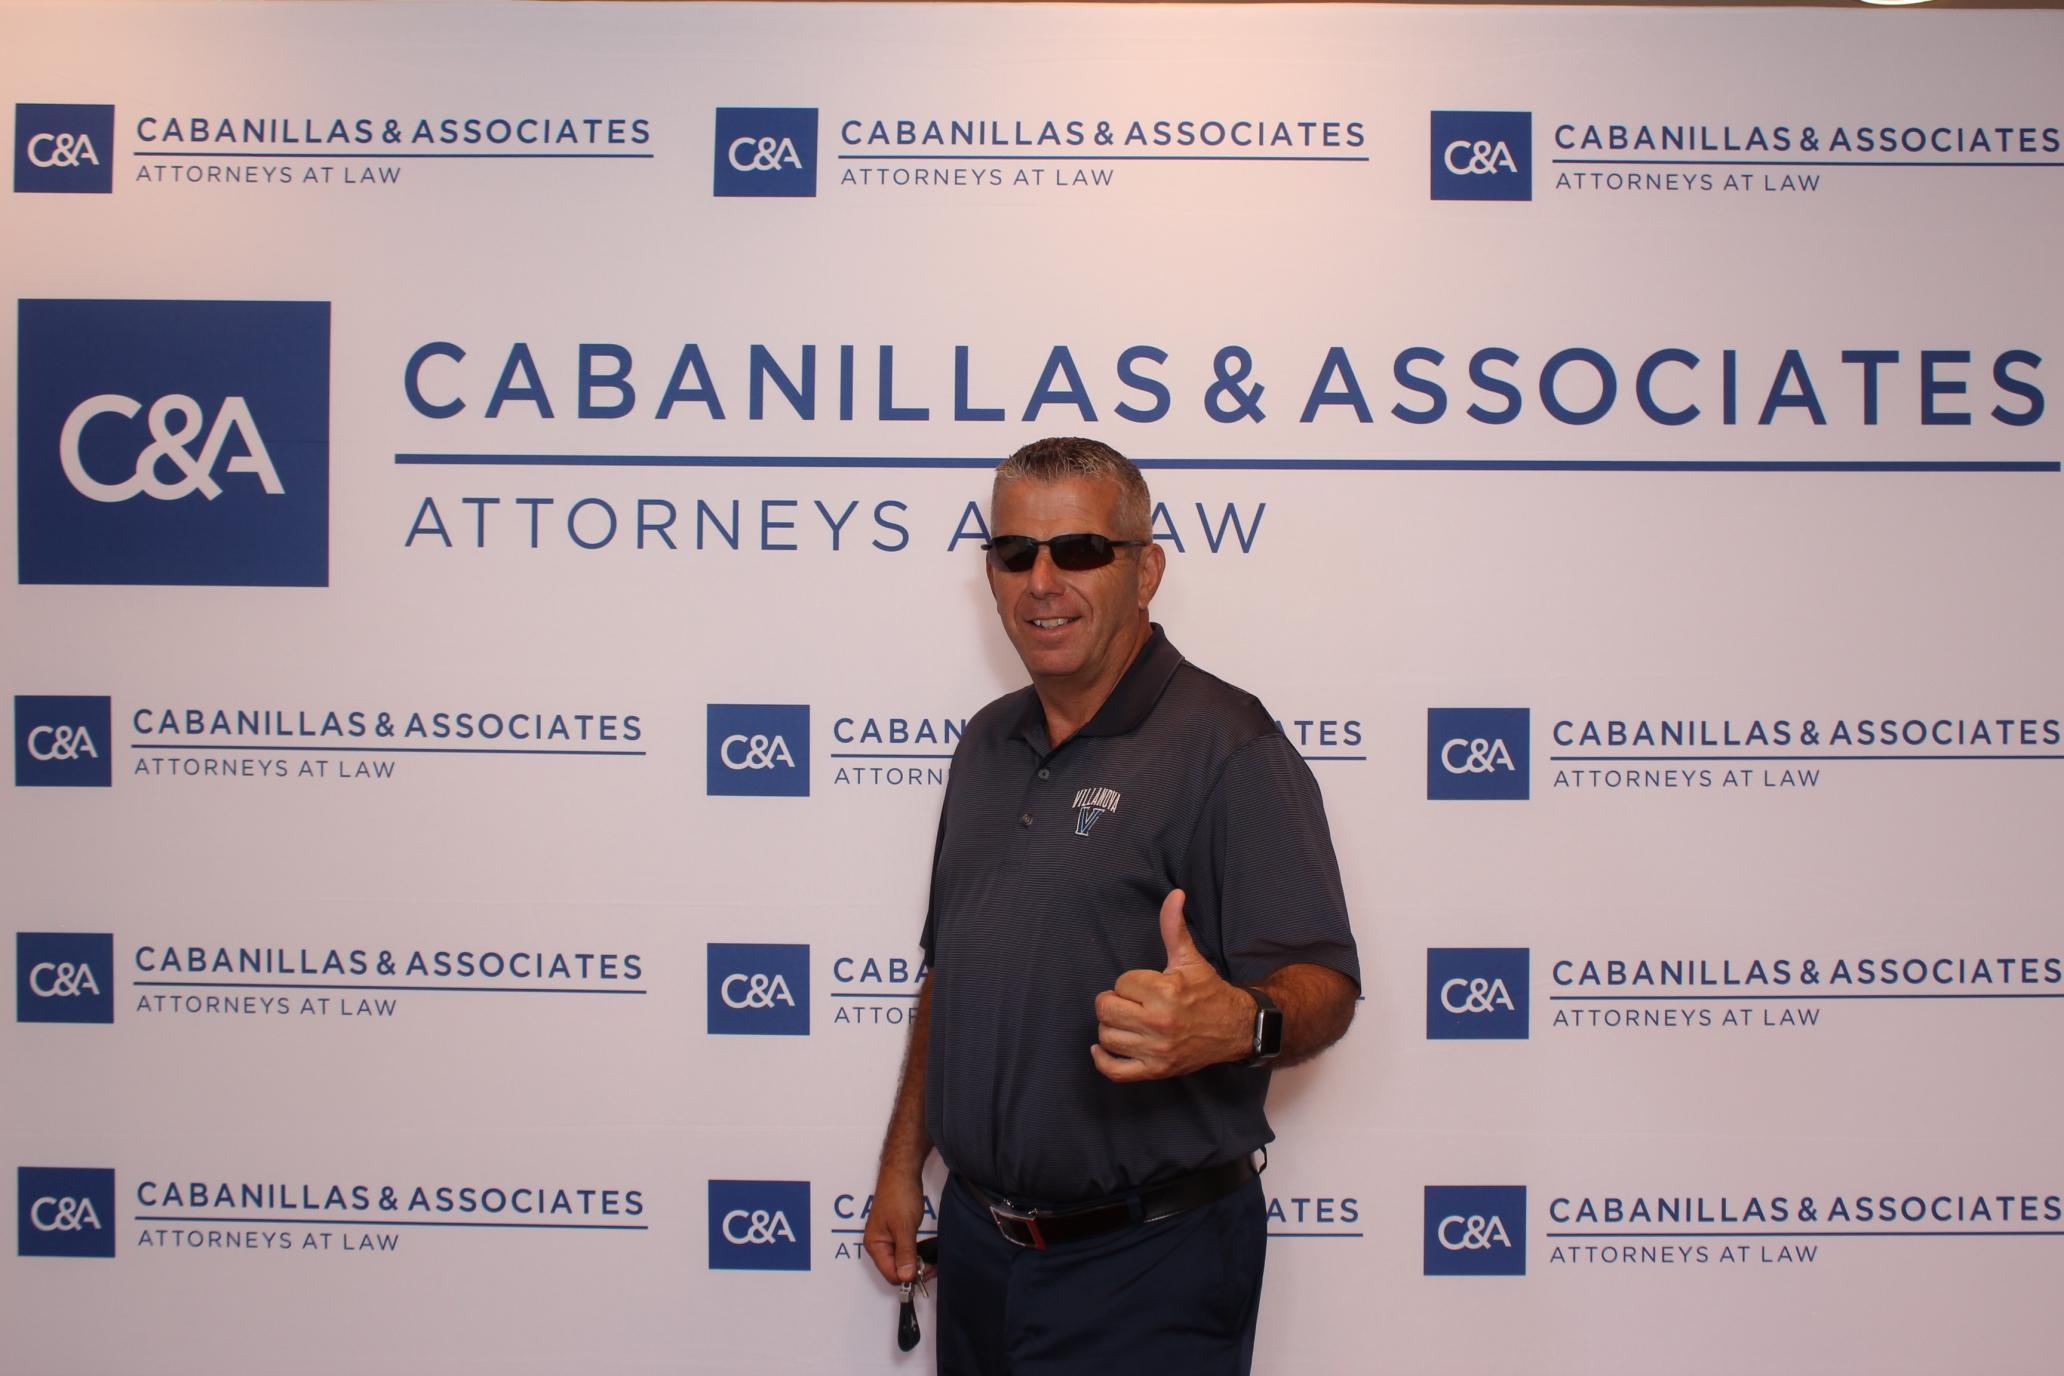 Cabanillas2018_2018-06-14_19-12-52.jpg